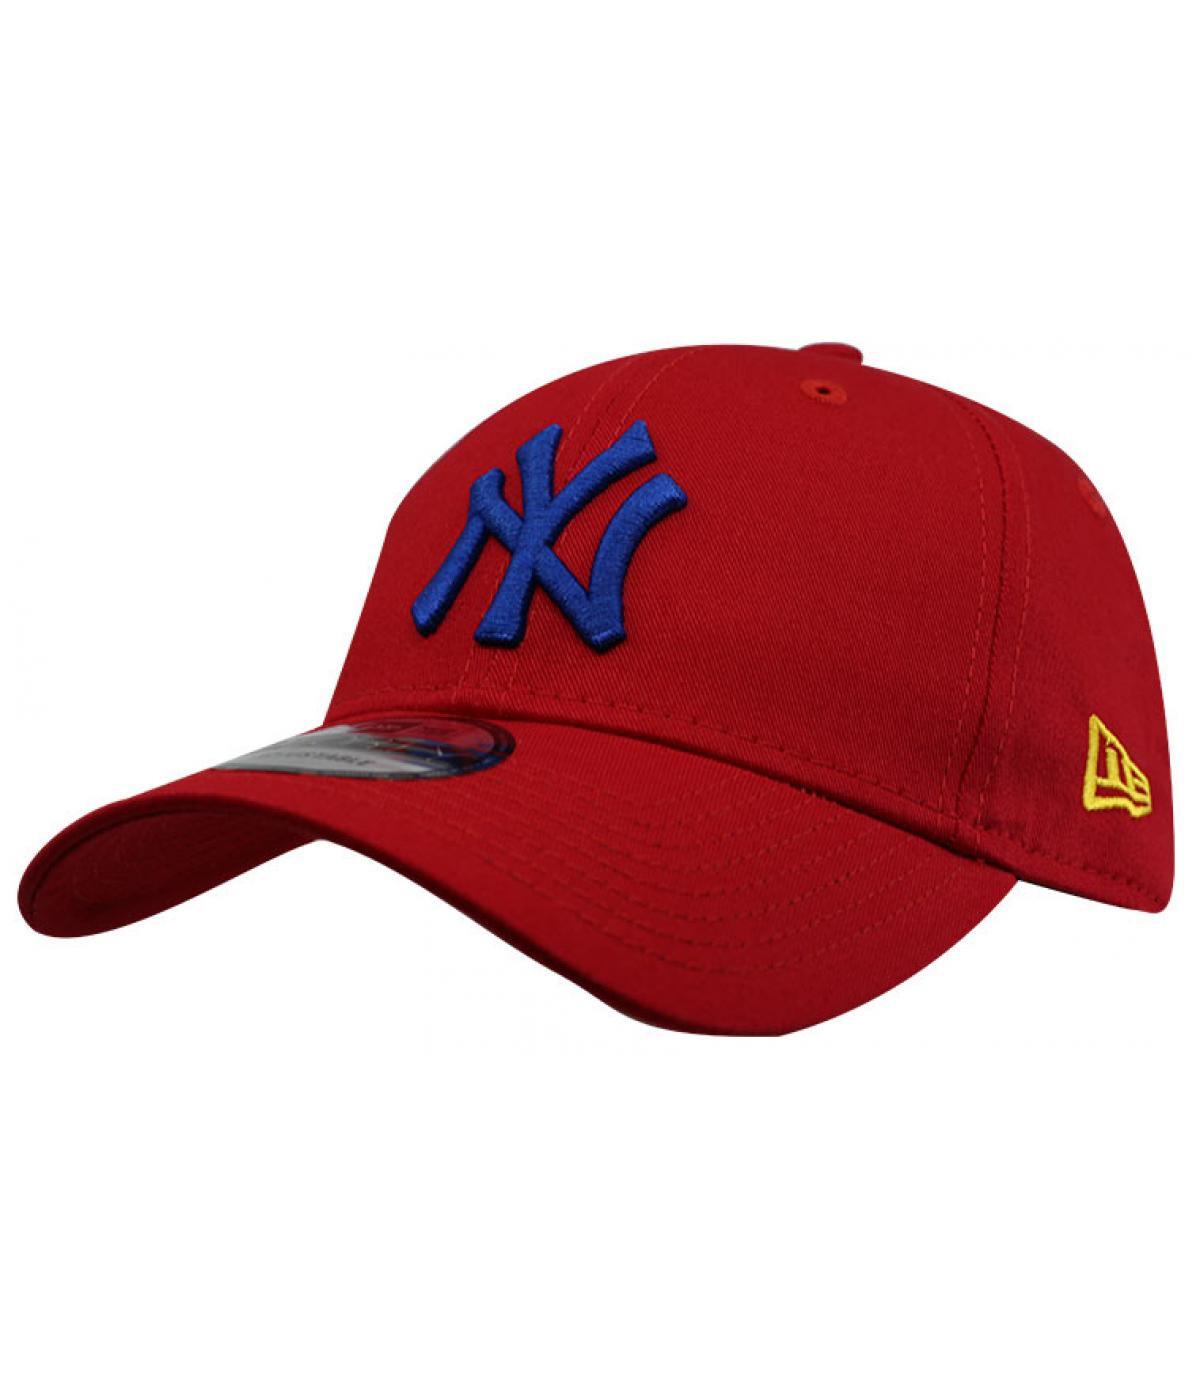 Détails Casquette League Ess NY 940 red blue - image 2